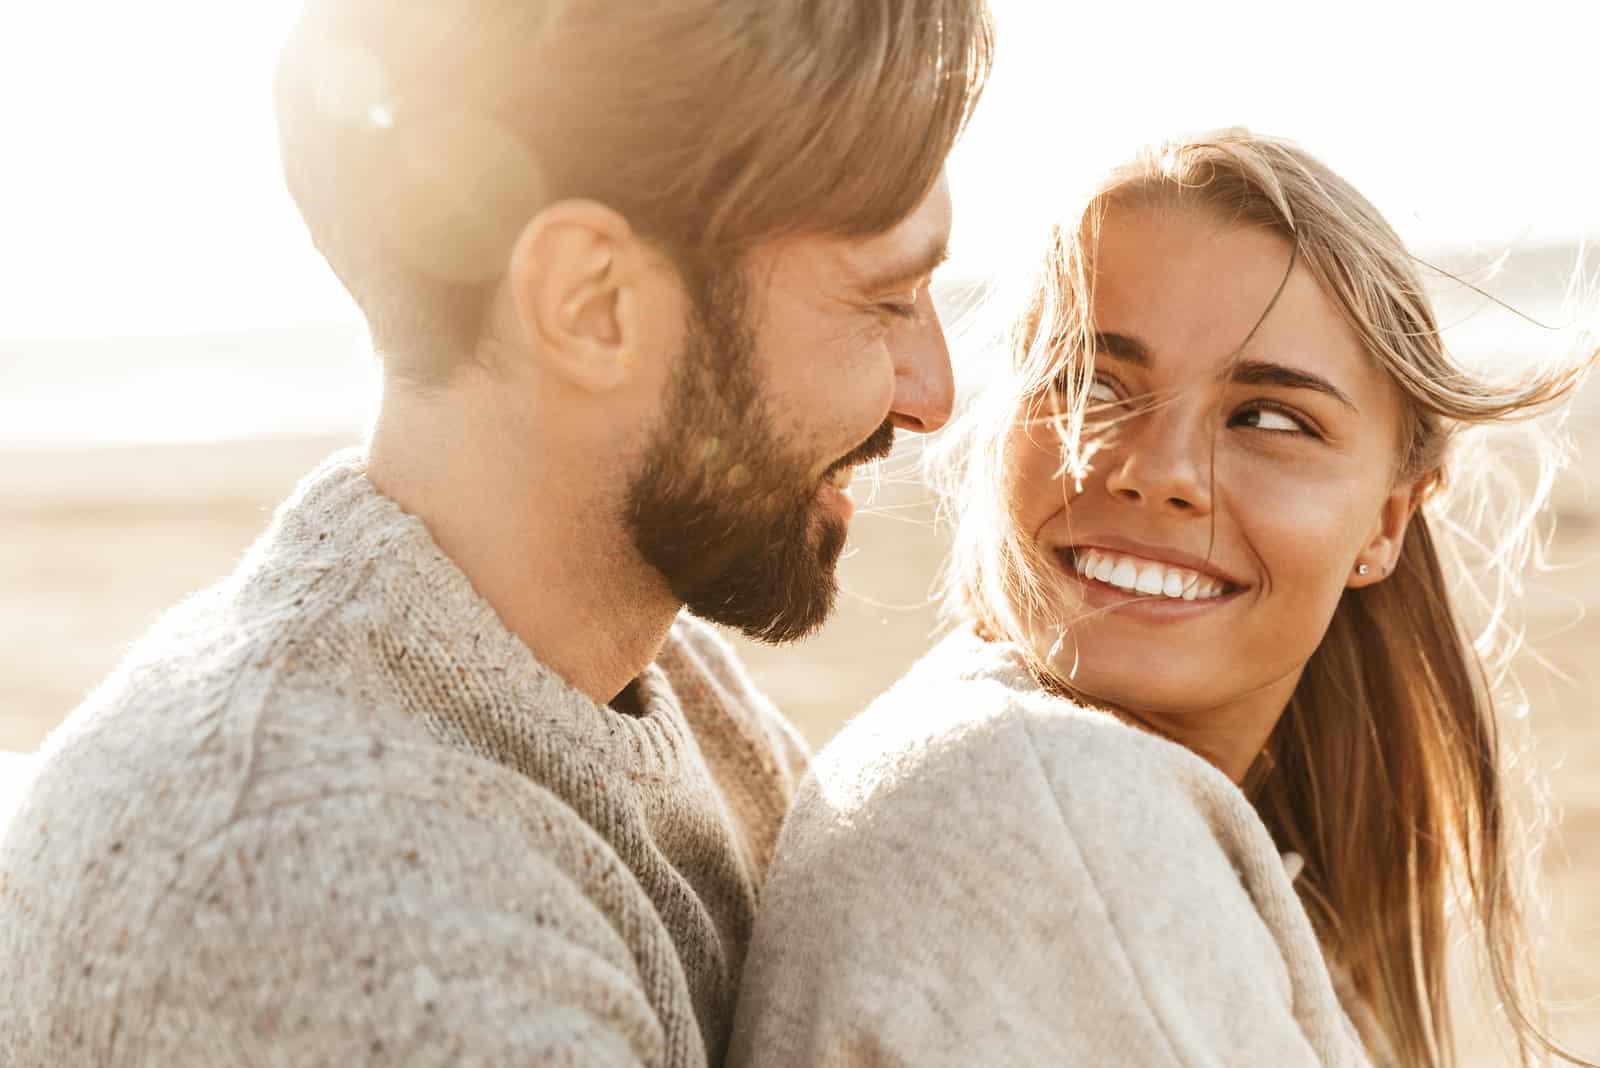 un couple amoureux se regarde